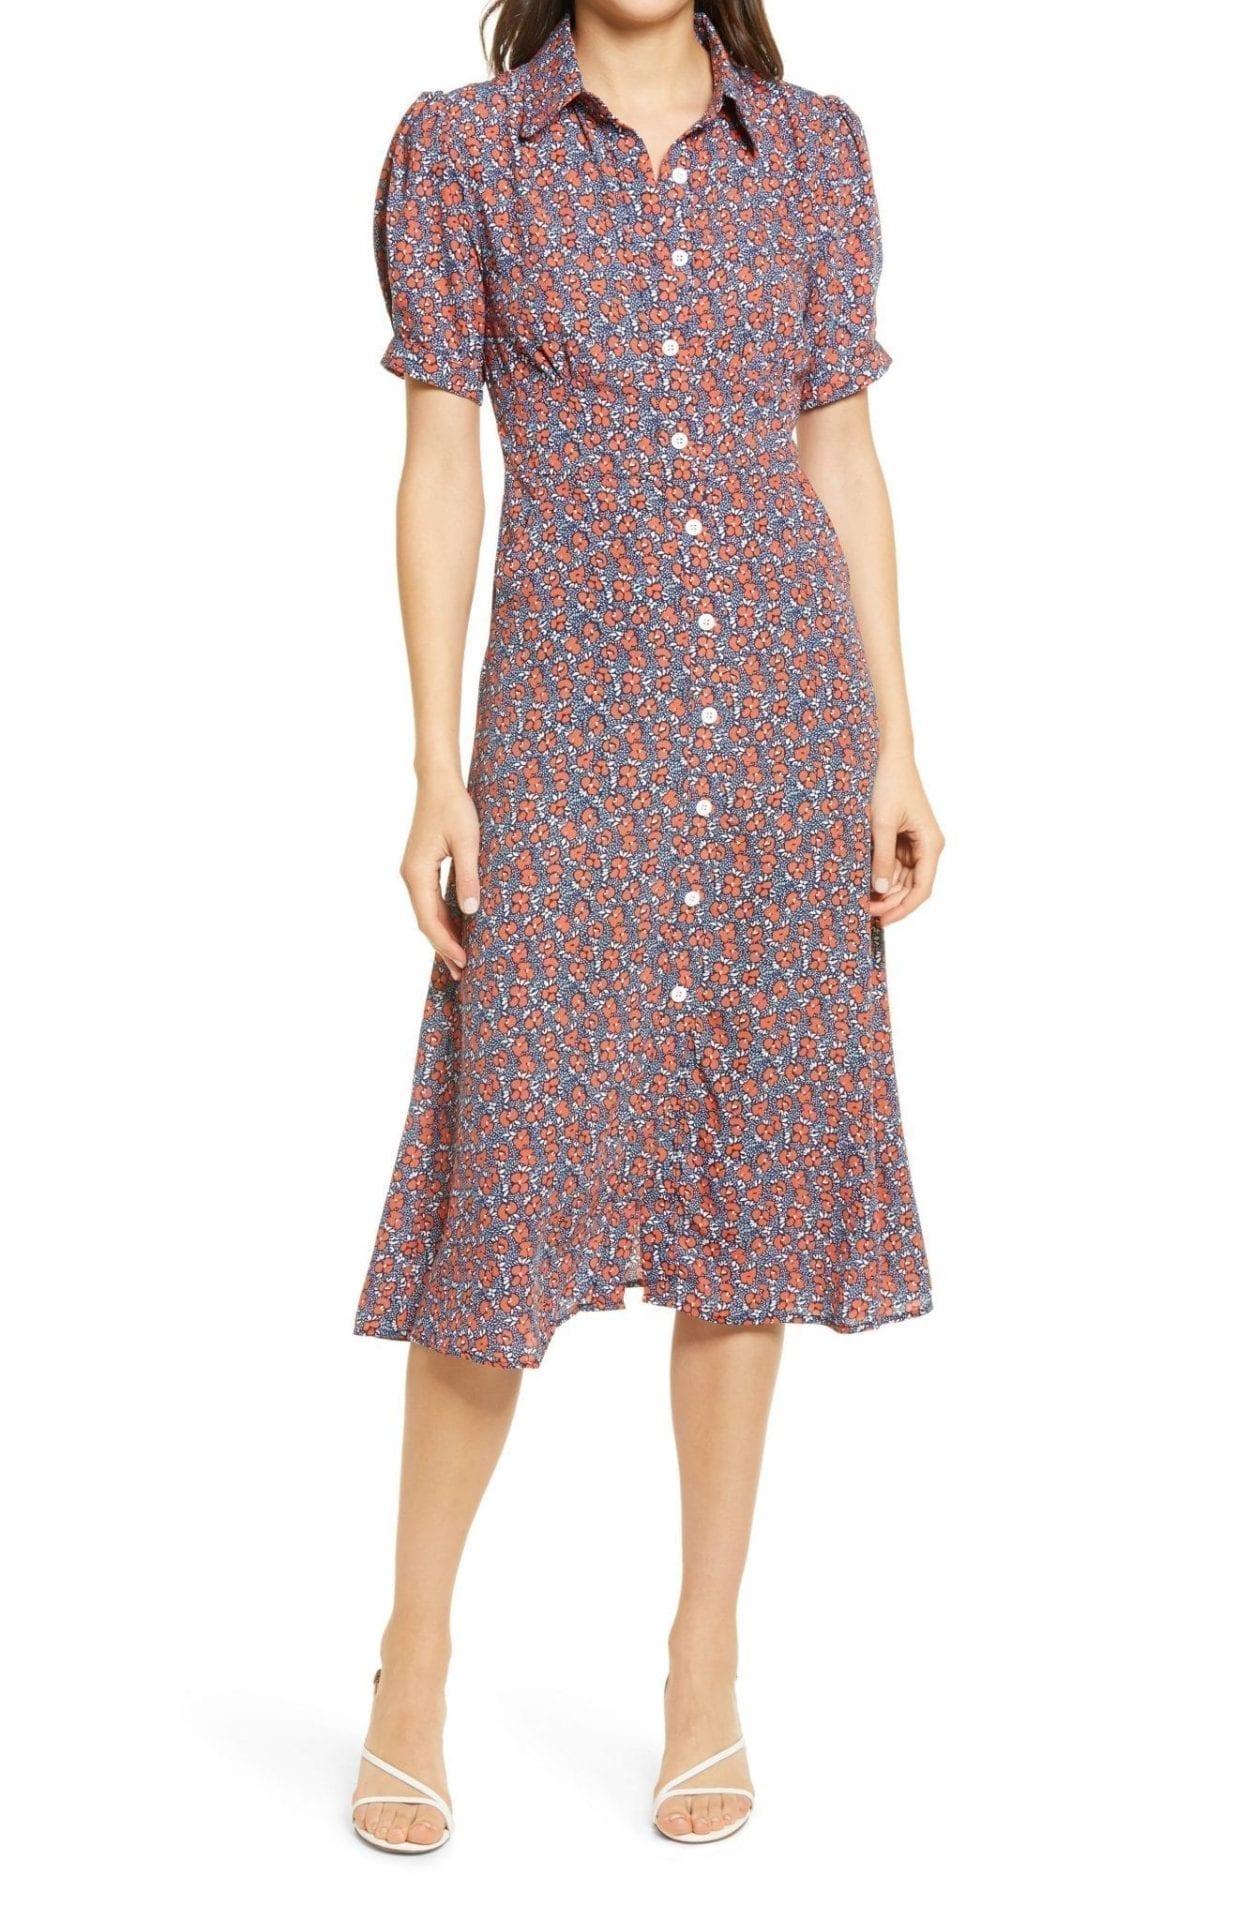 EN SAISON Floral Print Button Front Midi Dress